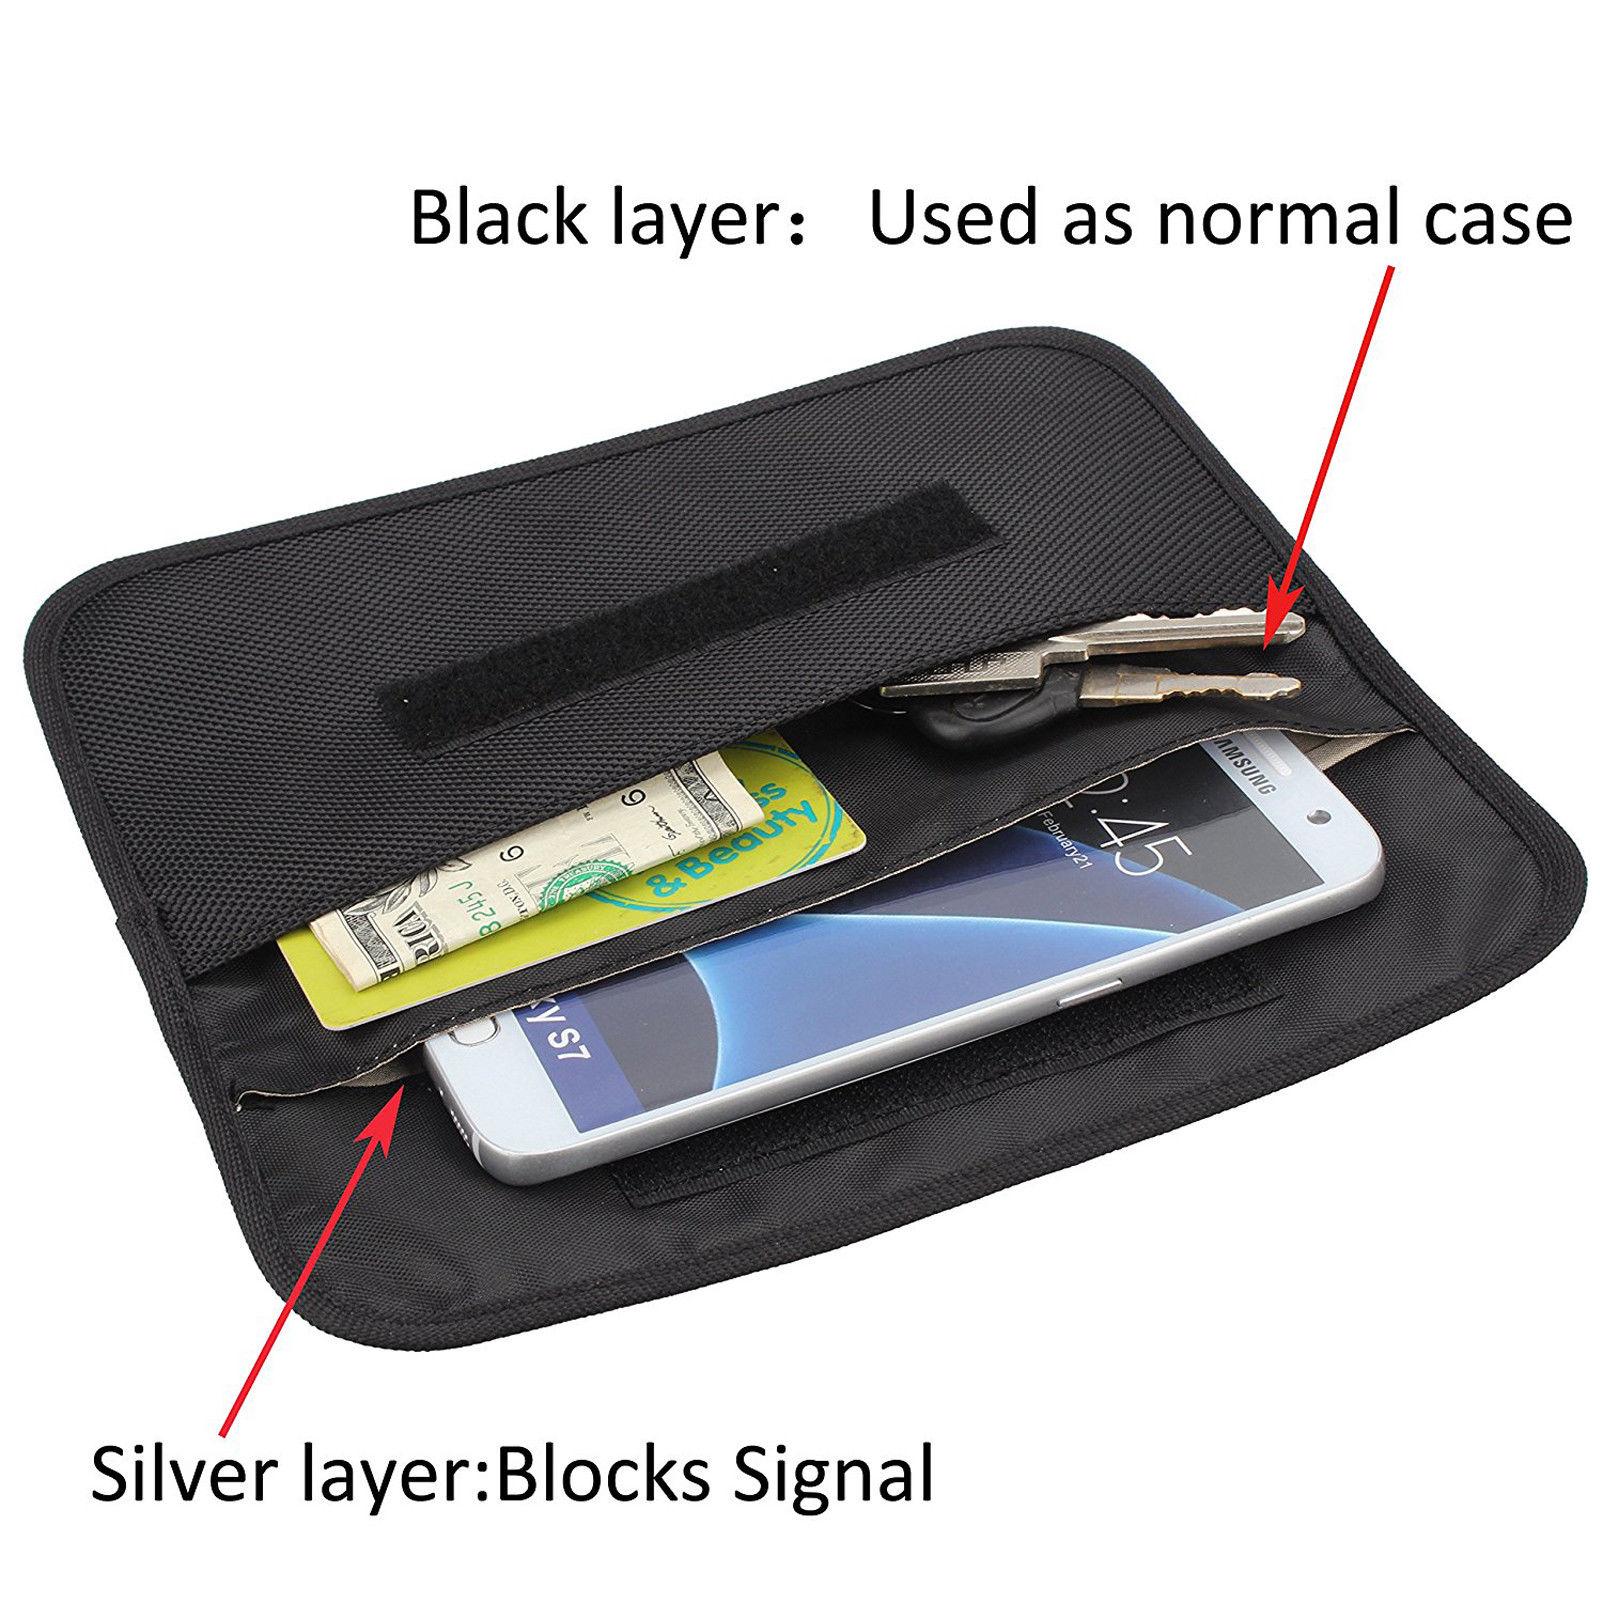 3229fa451426 Car Key Protector Wifi/gsm/lte/nfc/rf Blocker Faraday Cage Shield Car Key  Fob Signal Blocking Pouch Bag - Buy Keyfob Rfid Signal Blocking Bag,Key Fob  ...